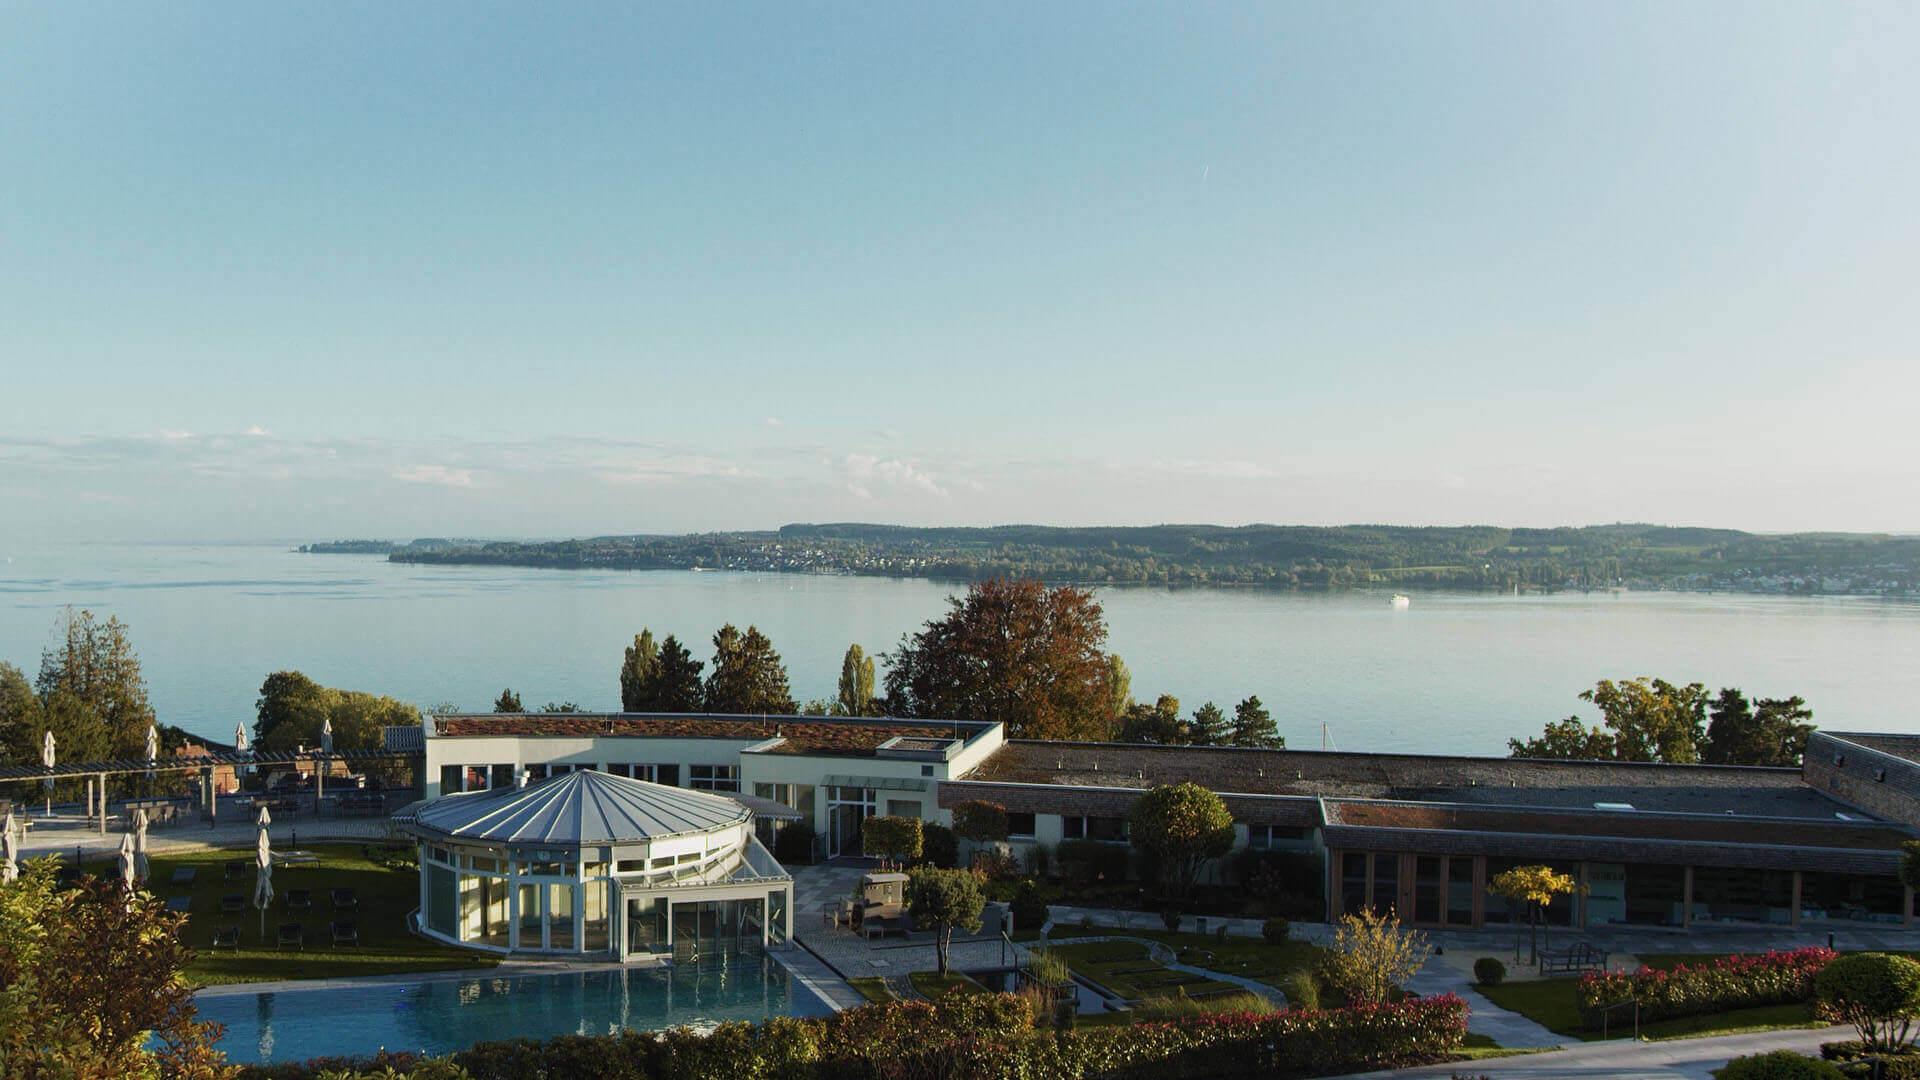 Buchinger Wilhelmi, Fasten, Heilfasten, Fasting, Health, Integrative Medicine, Pool, Lake of Constance, Bodensee, Garden, View